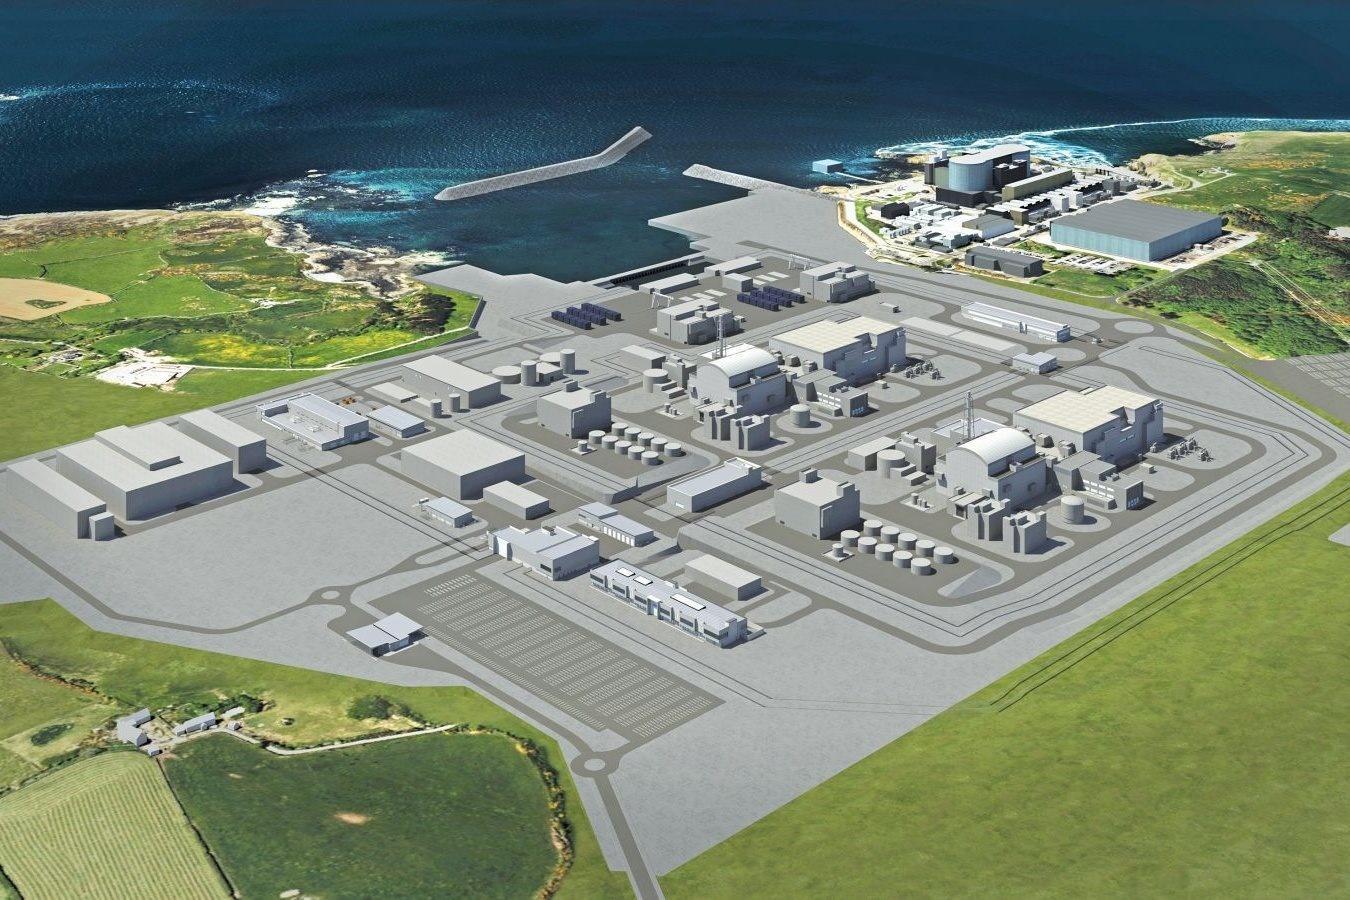 jaderná energie - Jádro pomůže vyměnit britské fosilní elektrárny - Zprávy (3112997 wylfanewyddnuclearpowerstation3to2) 2